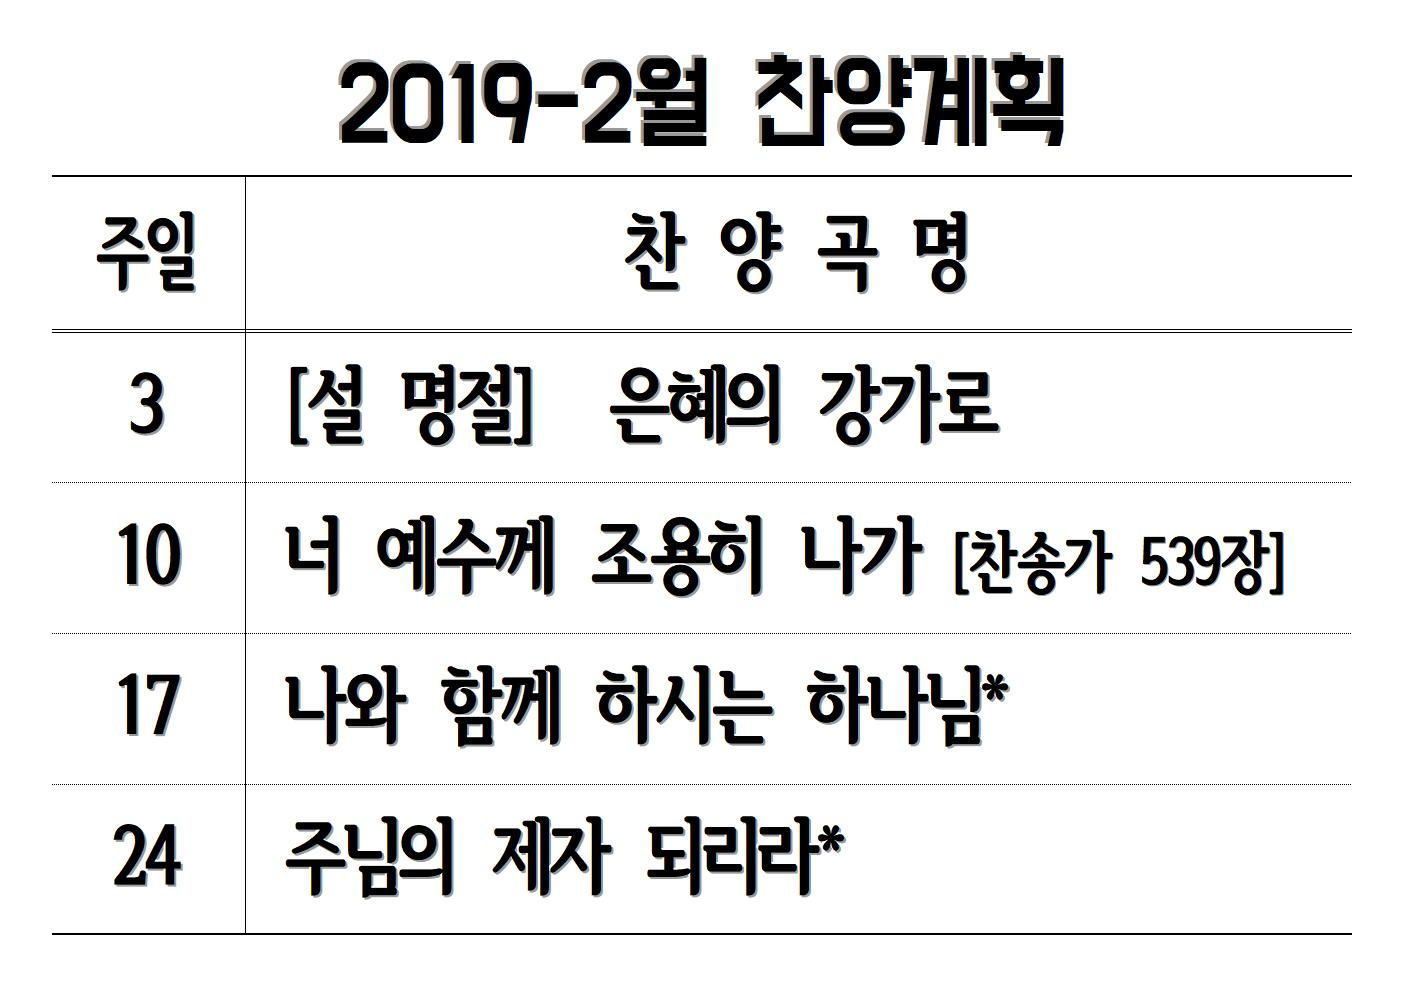 2019-2001.jpg